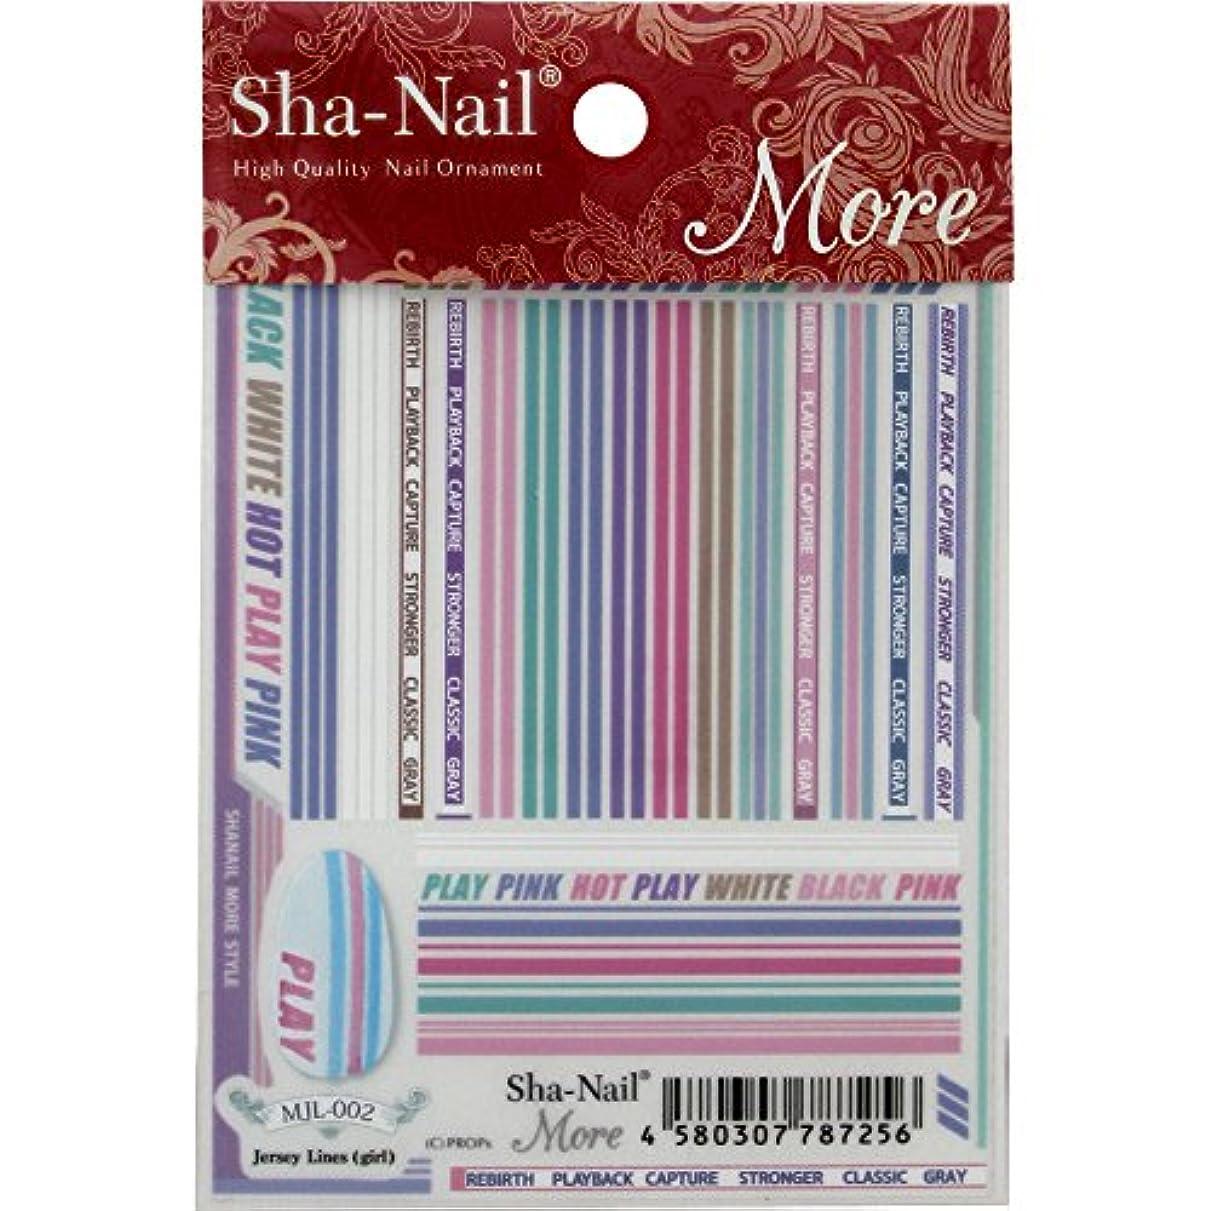 ディーラー鮮やかな増幅Sha-Nail More ネイルシール ジェージライン (ガール)